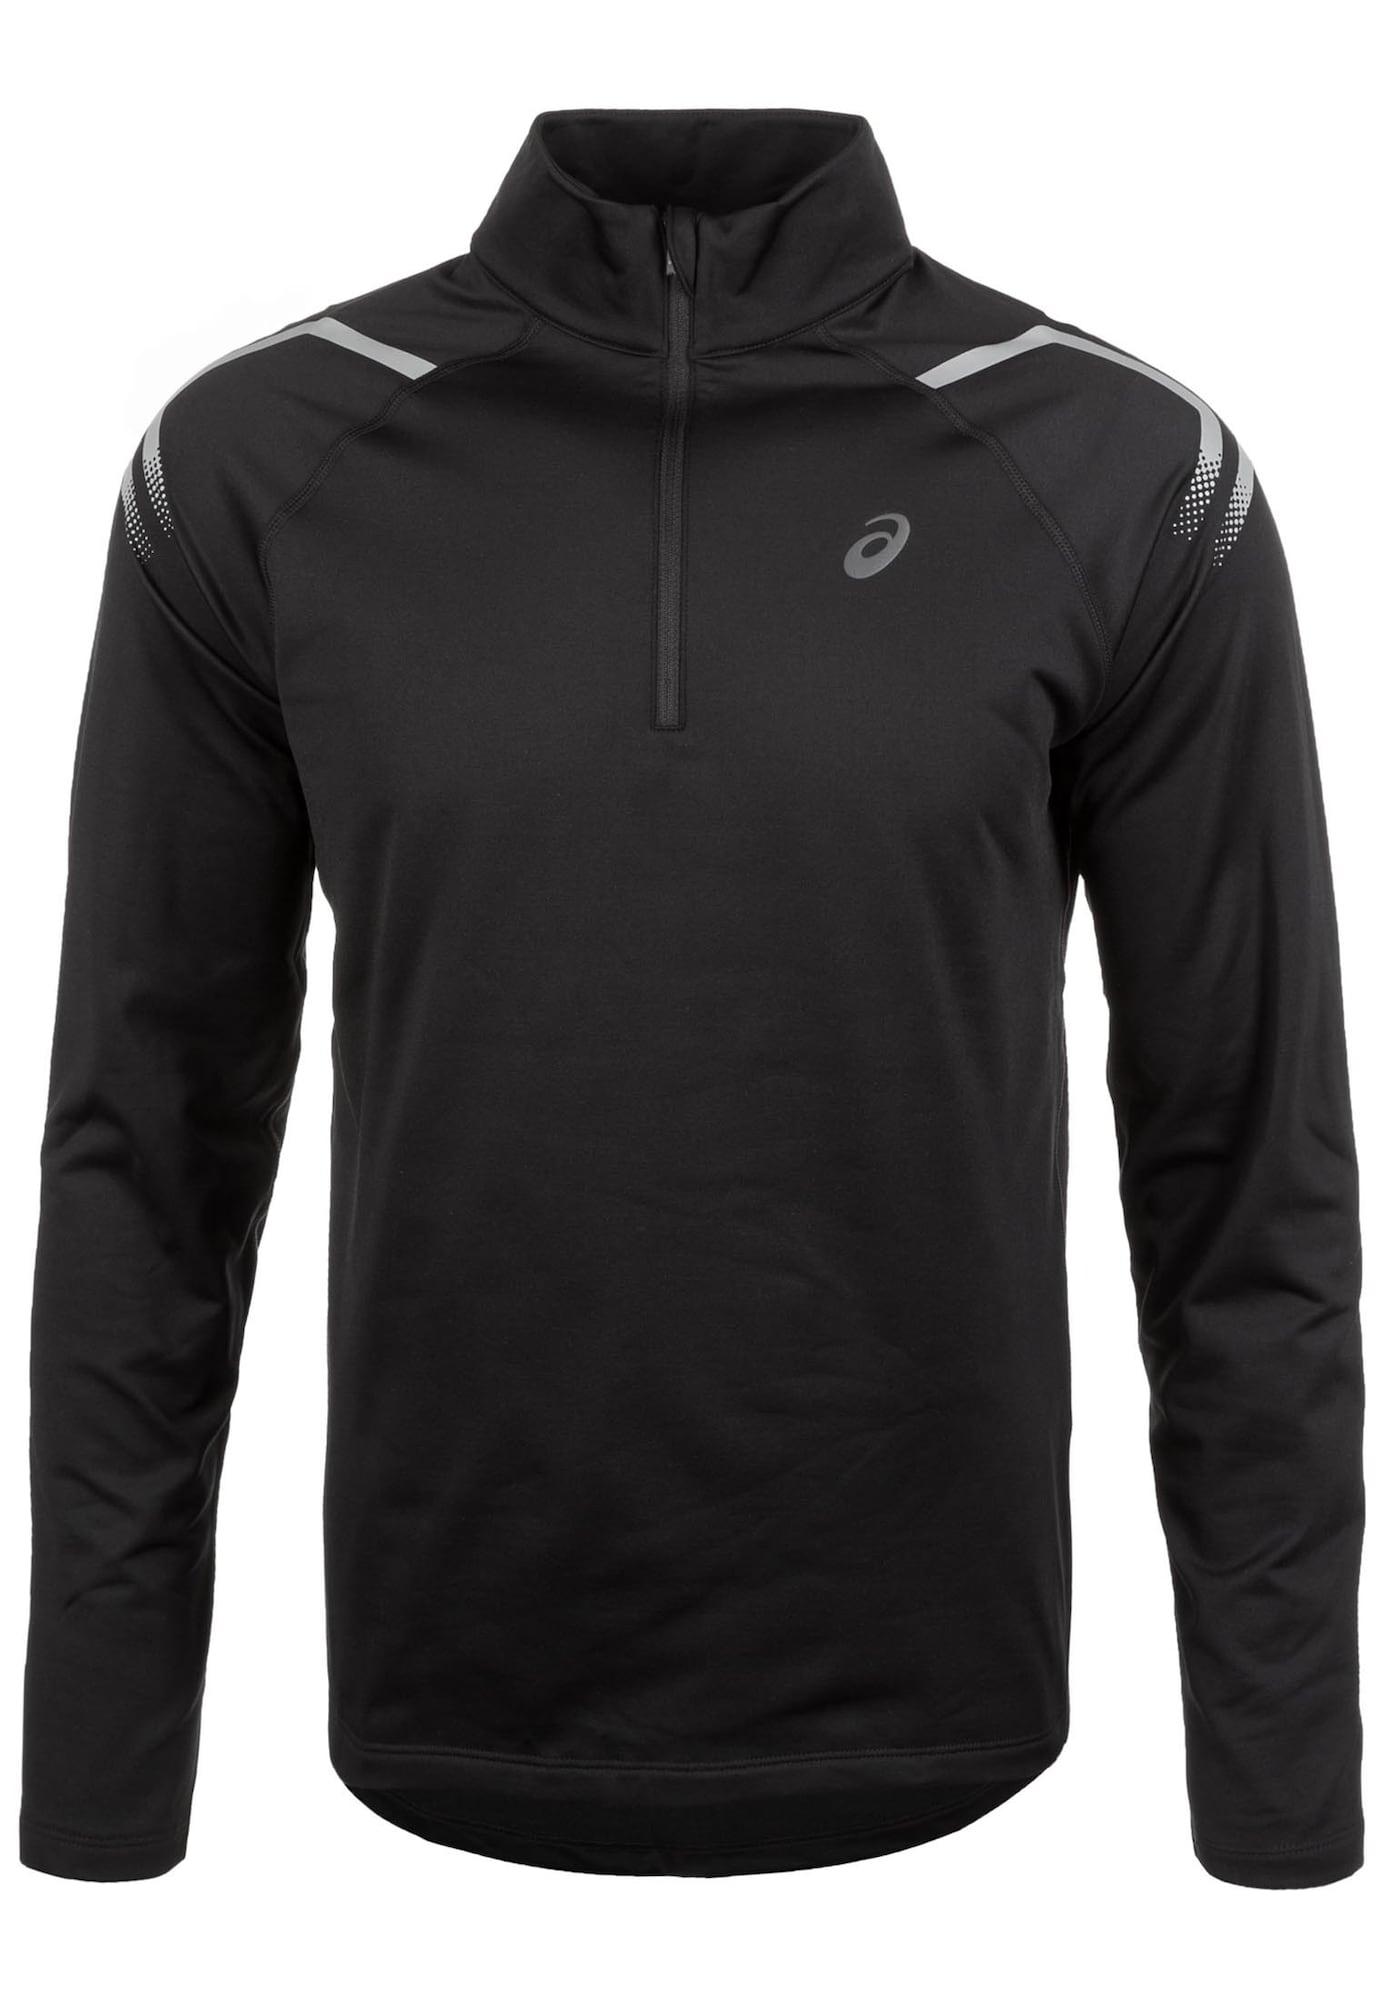 Laufshirt | Sportbekleidung > Sportshirts > Laufshirts | Schwarz | ASICS